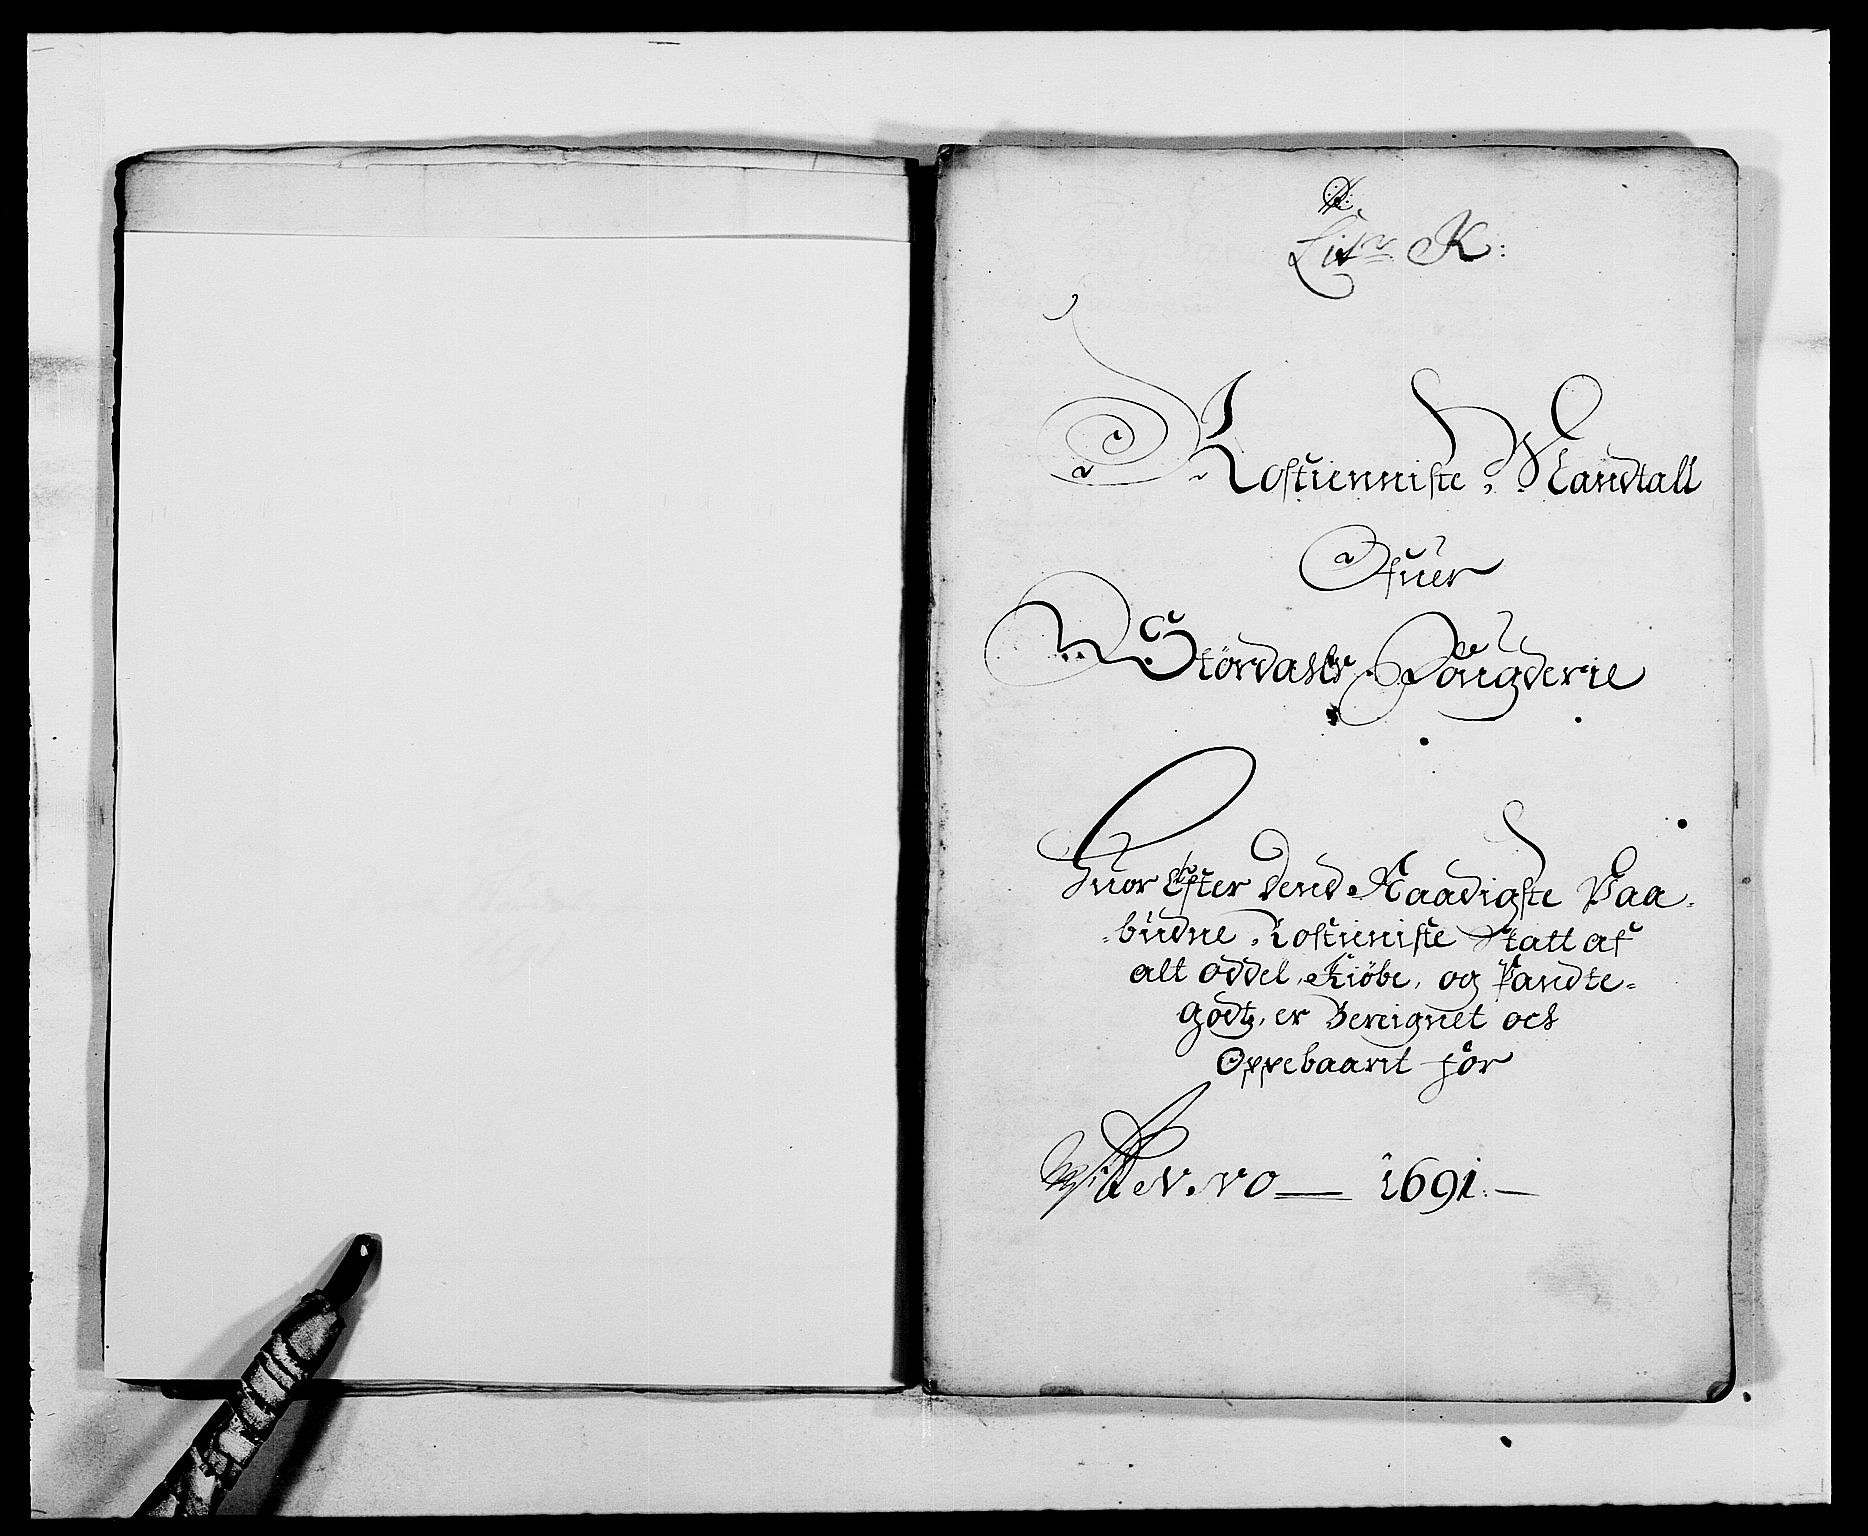 RA, Rentekammeret inntil 1814, Reviderte regnskaper, Fogderegnskap, R62/L4184: Fogderegnskap Stjørdal og Verdal, 1690-1691, s. 378